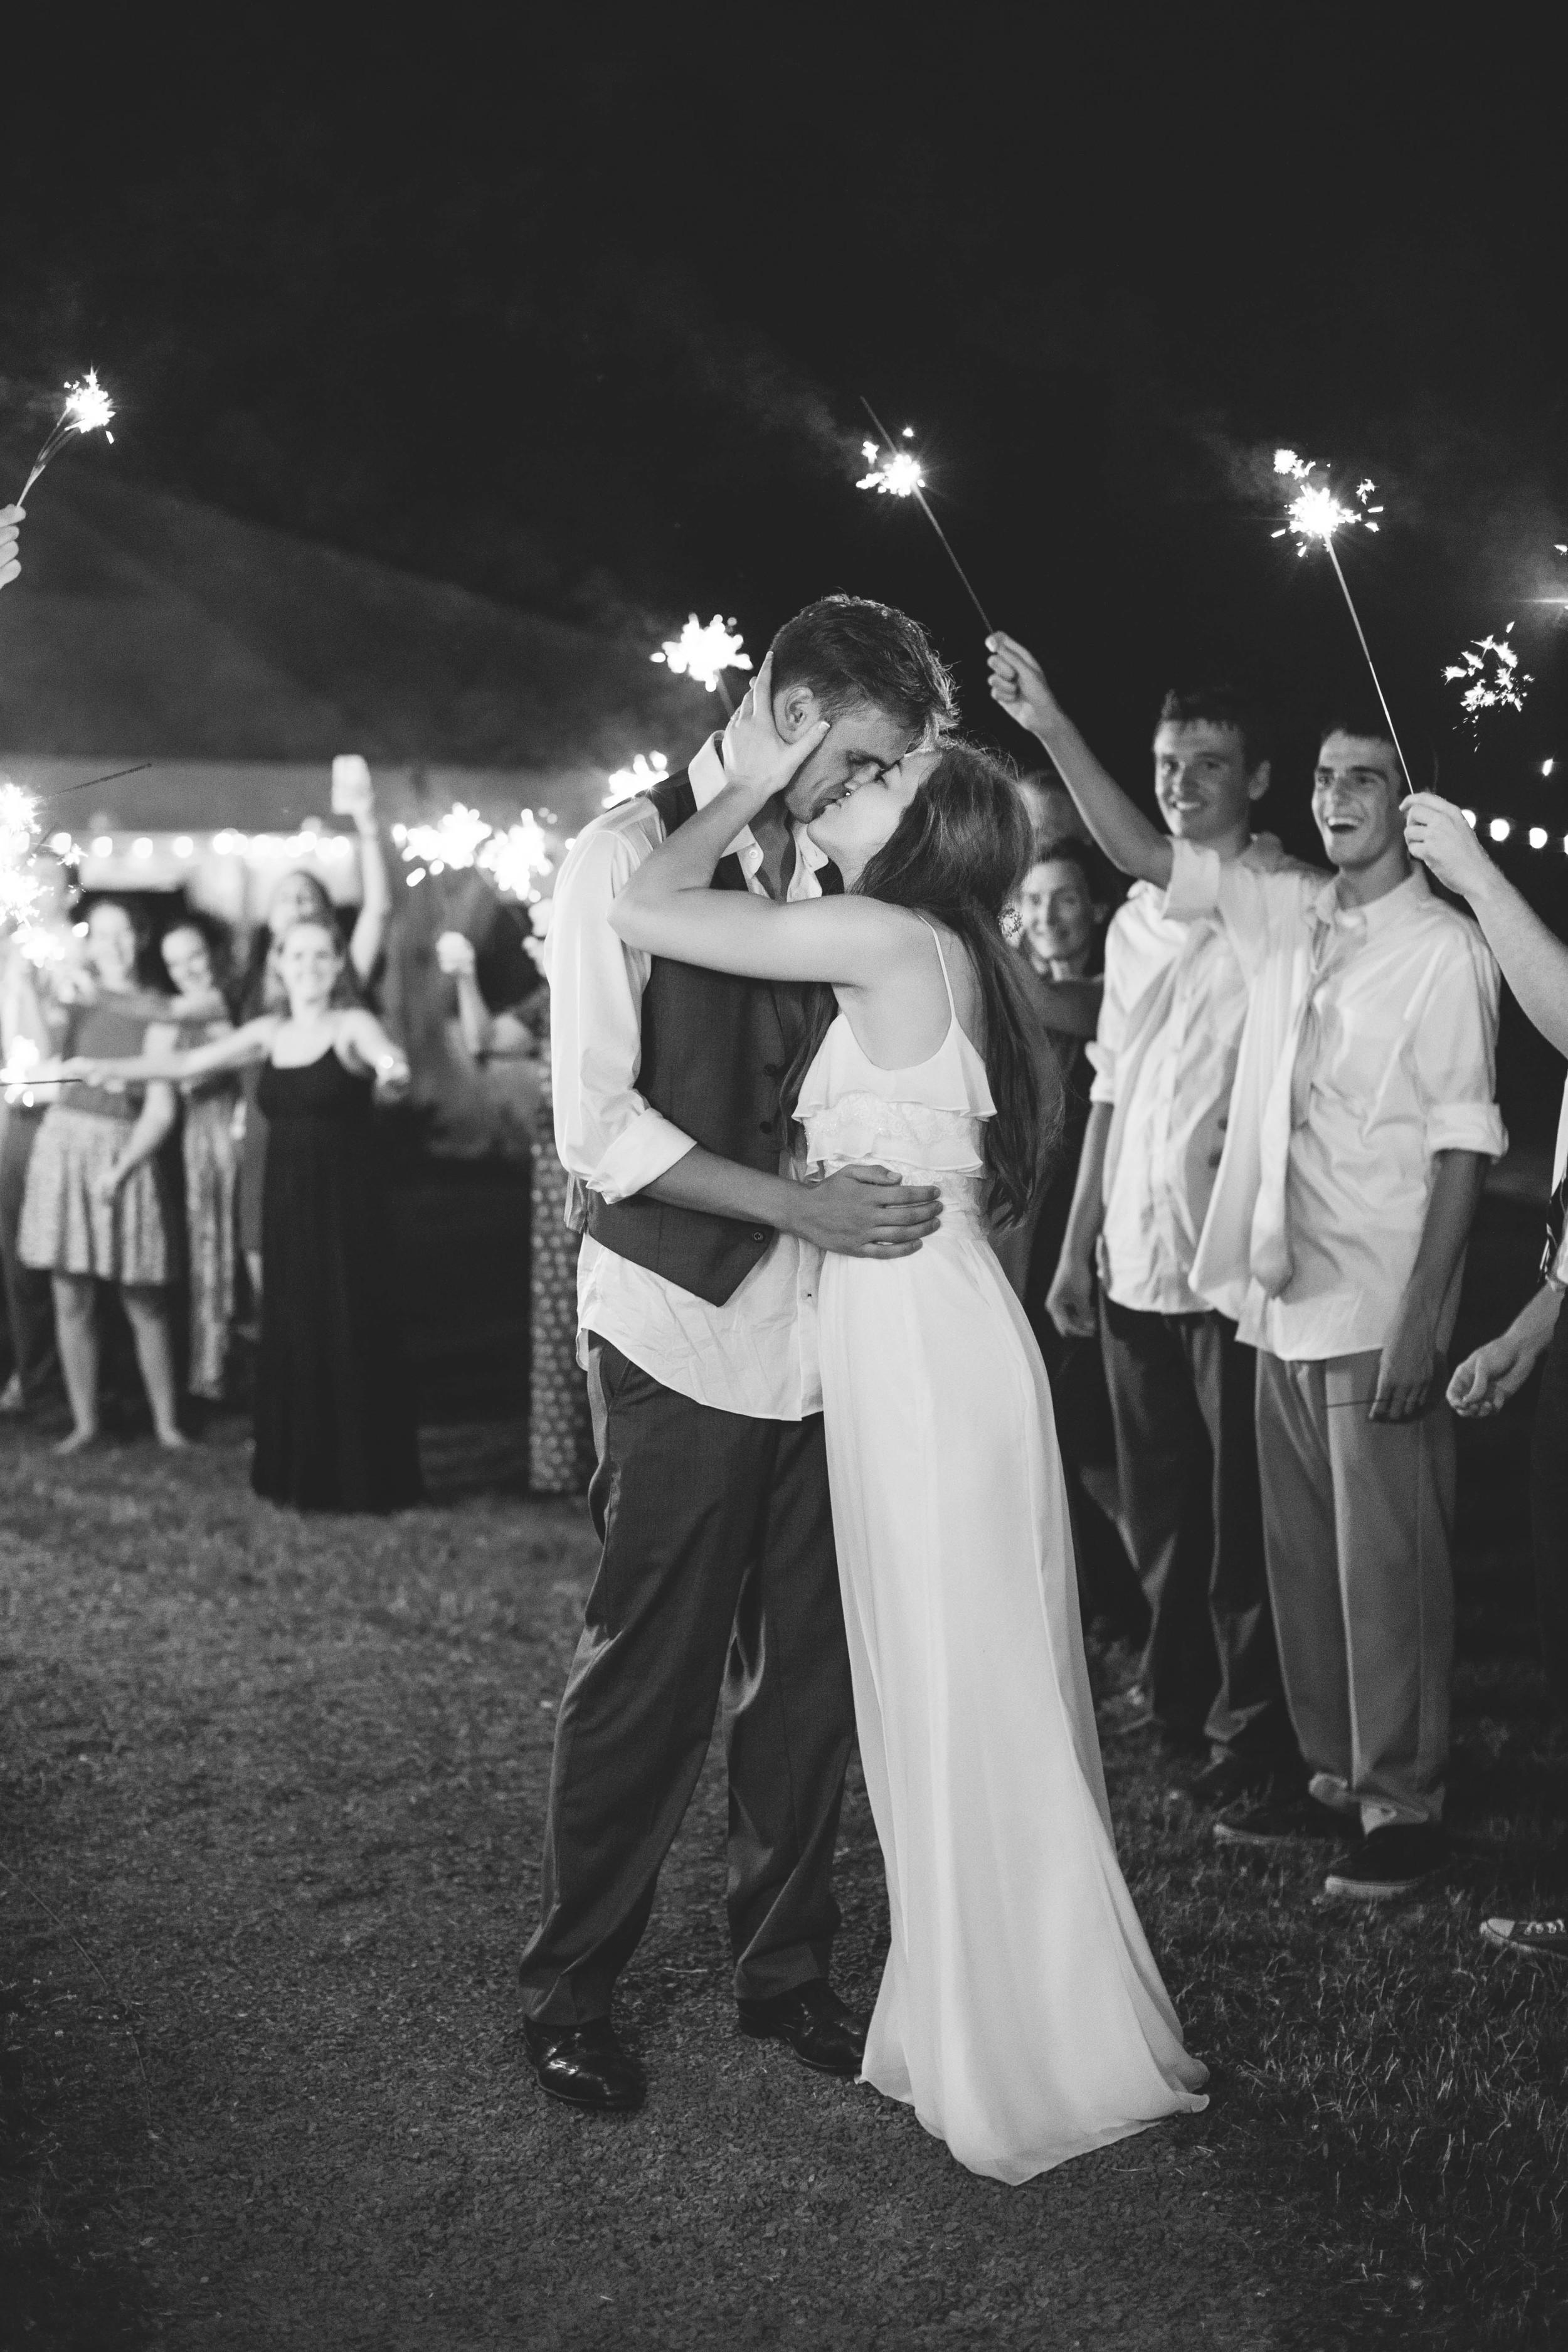 Hilary+Isaac Wedding10230-2.jpg